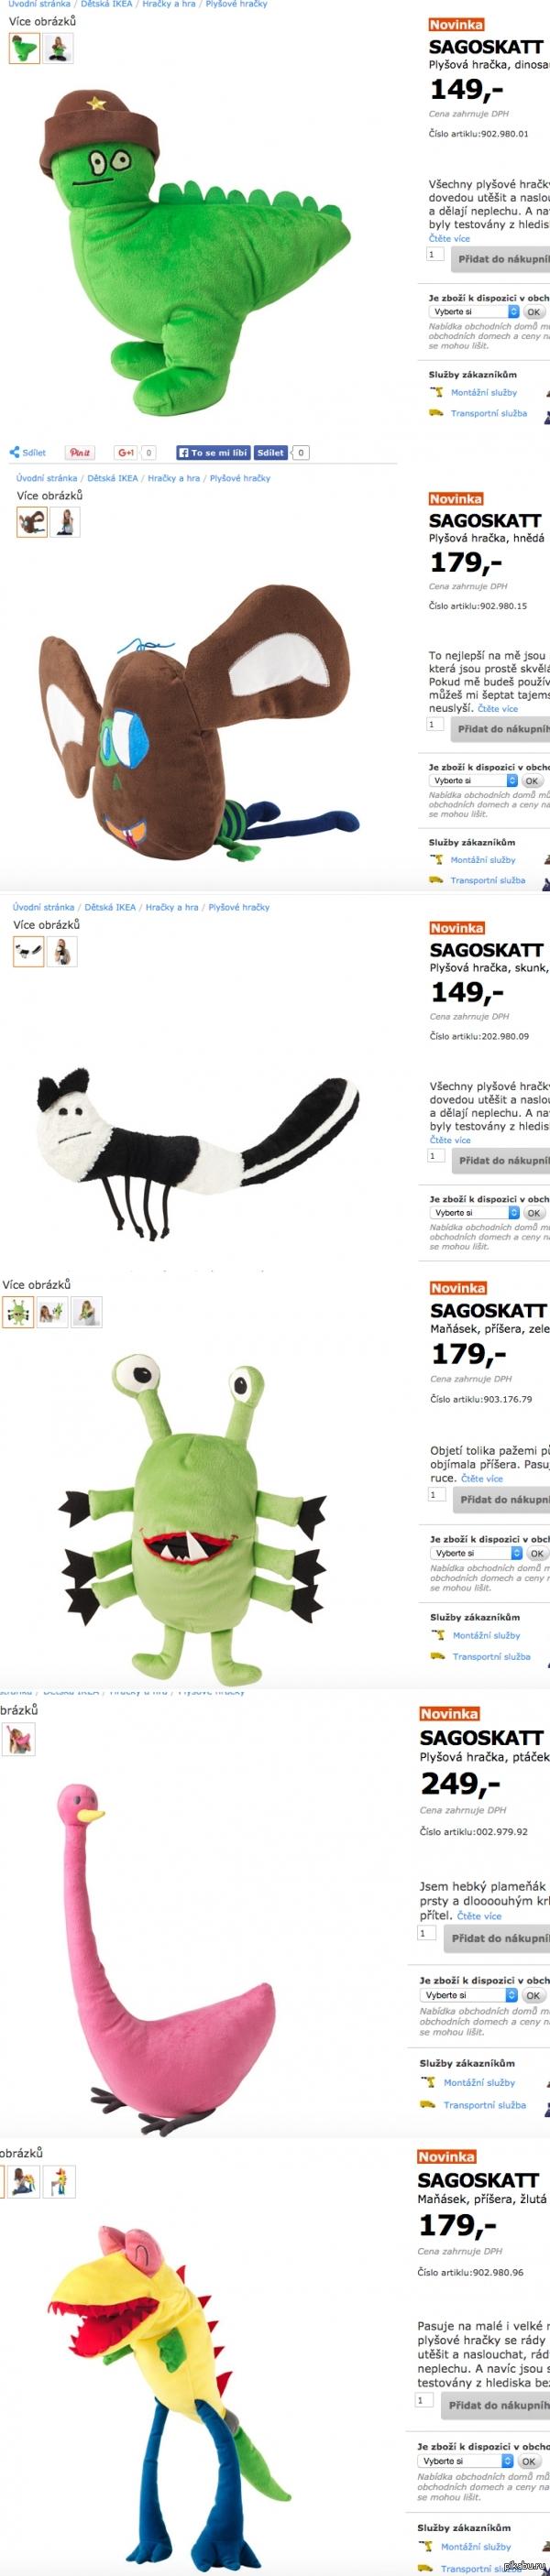 Новые игрушки в Икее... Зашла посмотреть на новинки и увидела вот ЭТО. Интересно, что курил автор и покупают ли вообще.